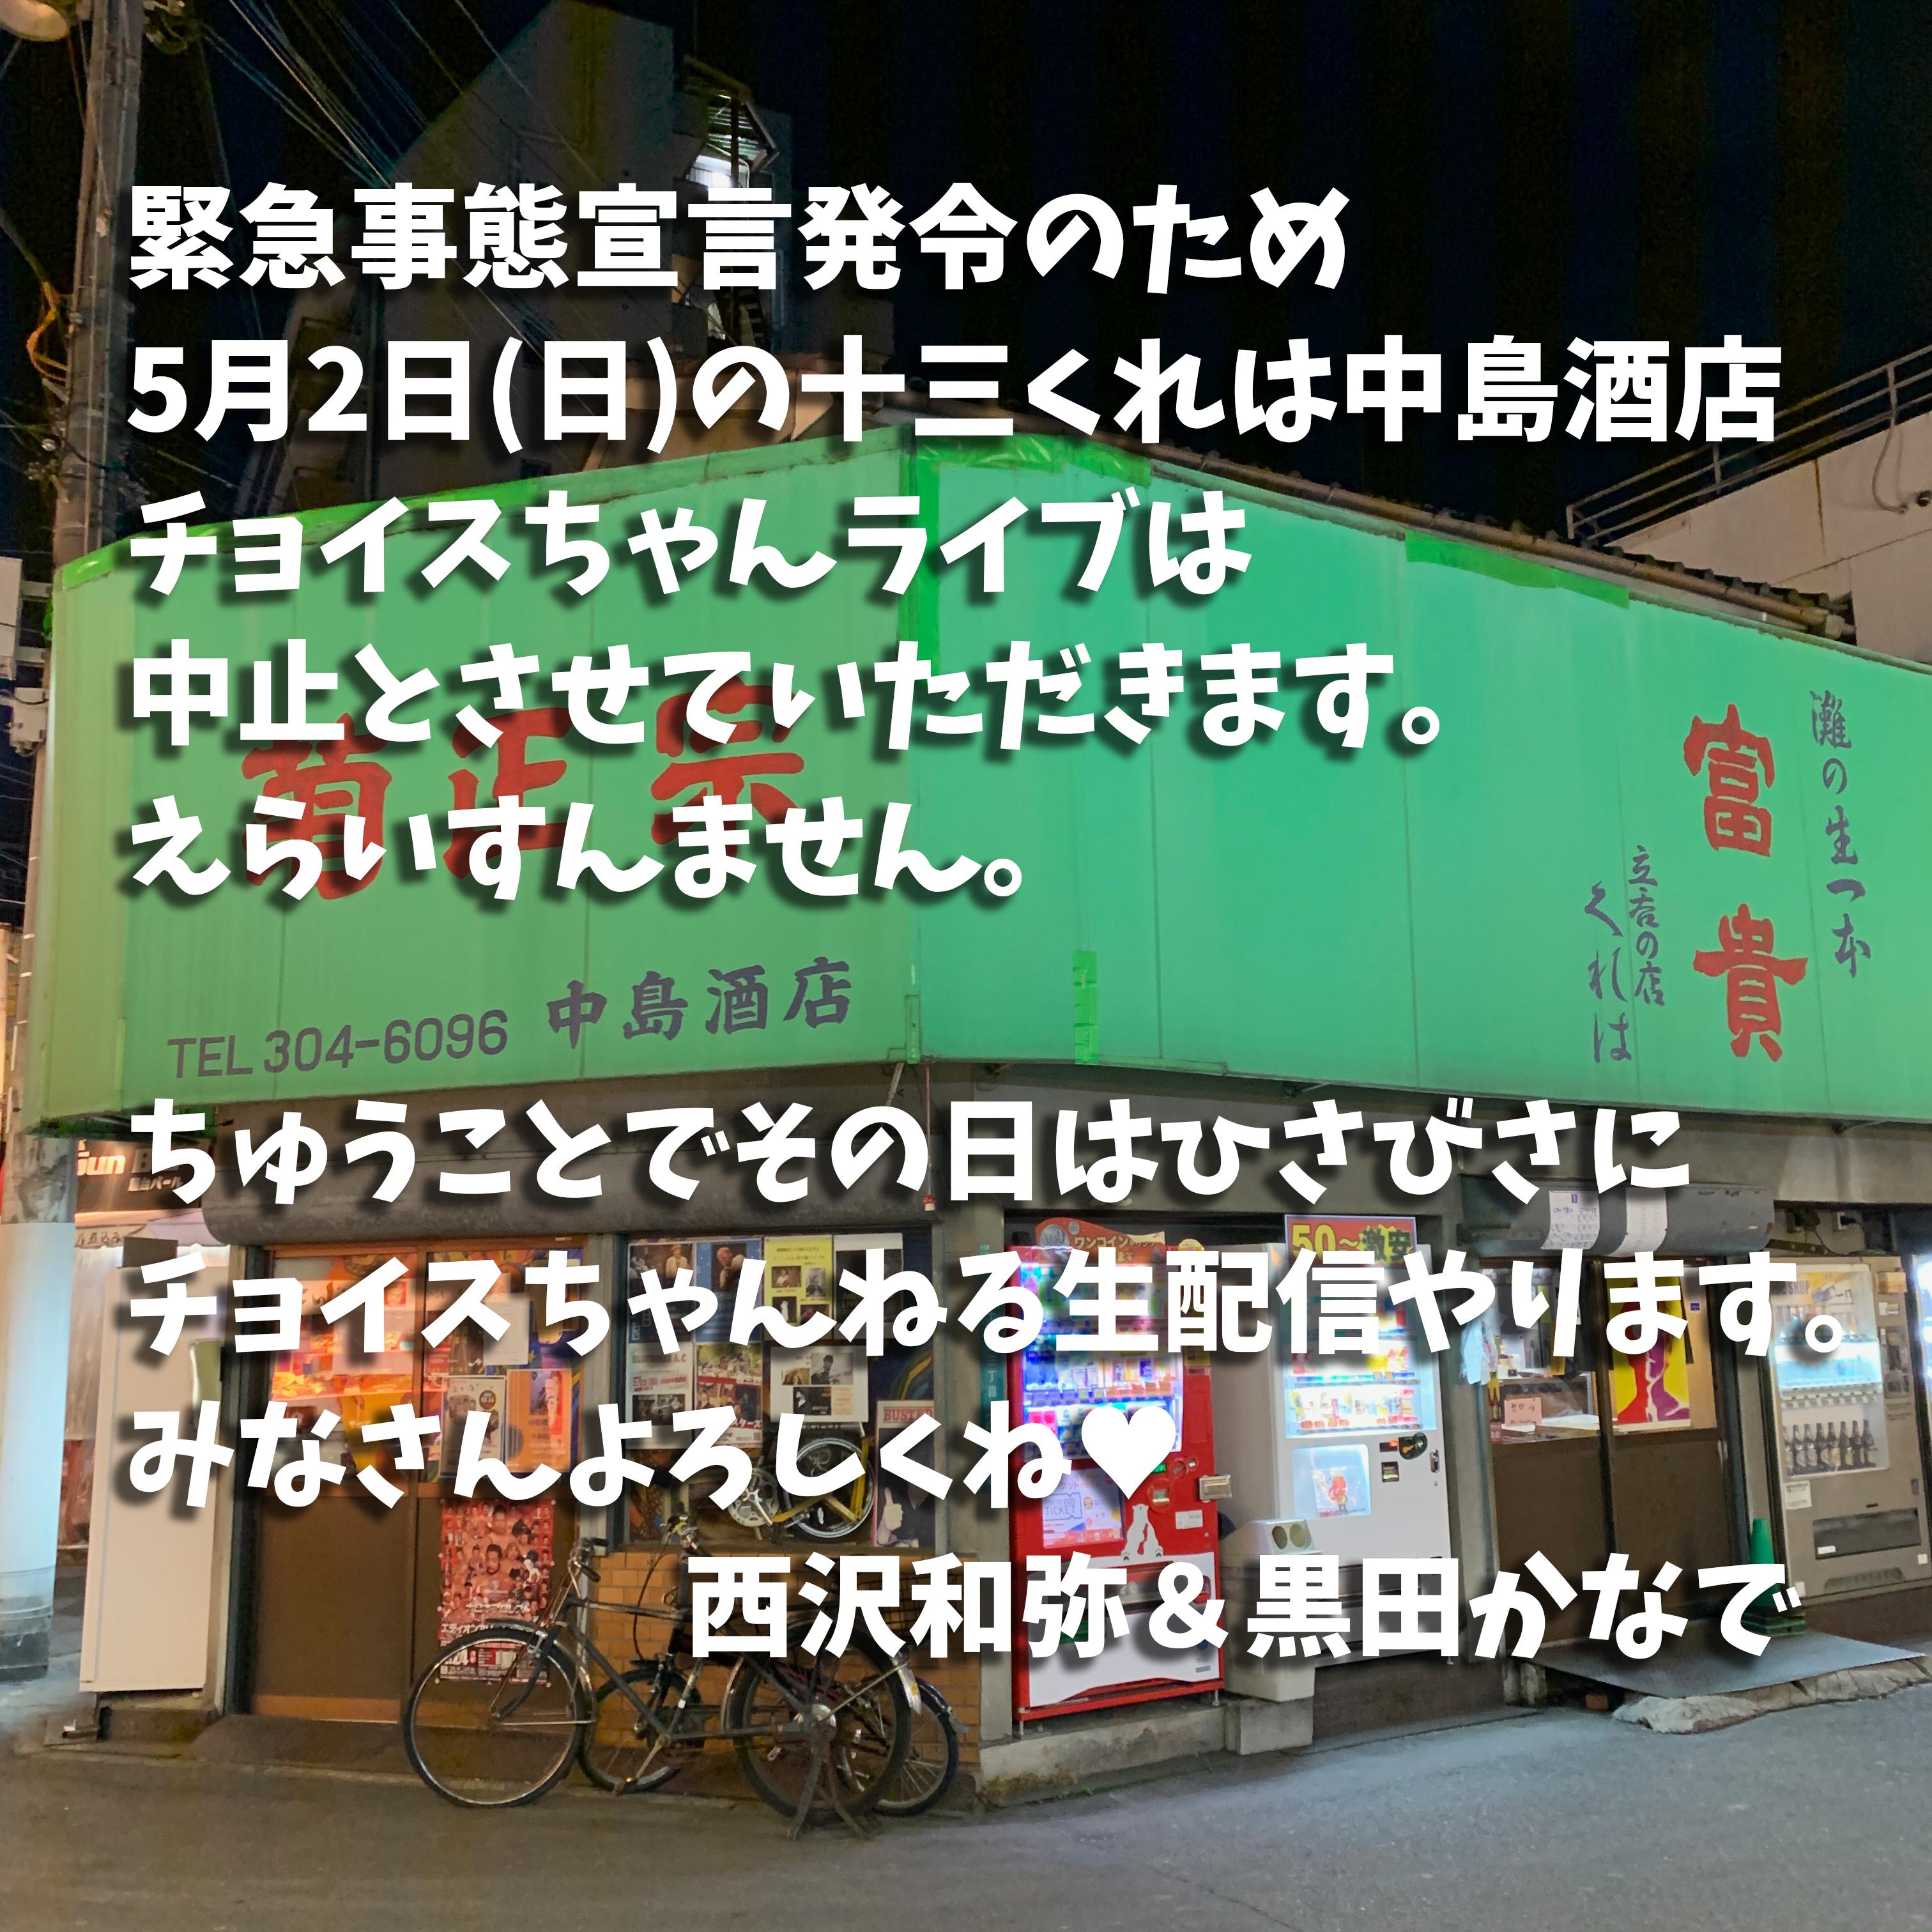 5月2日の中島酒店ライブは中止となりました